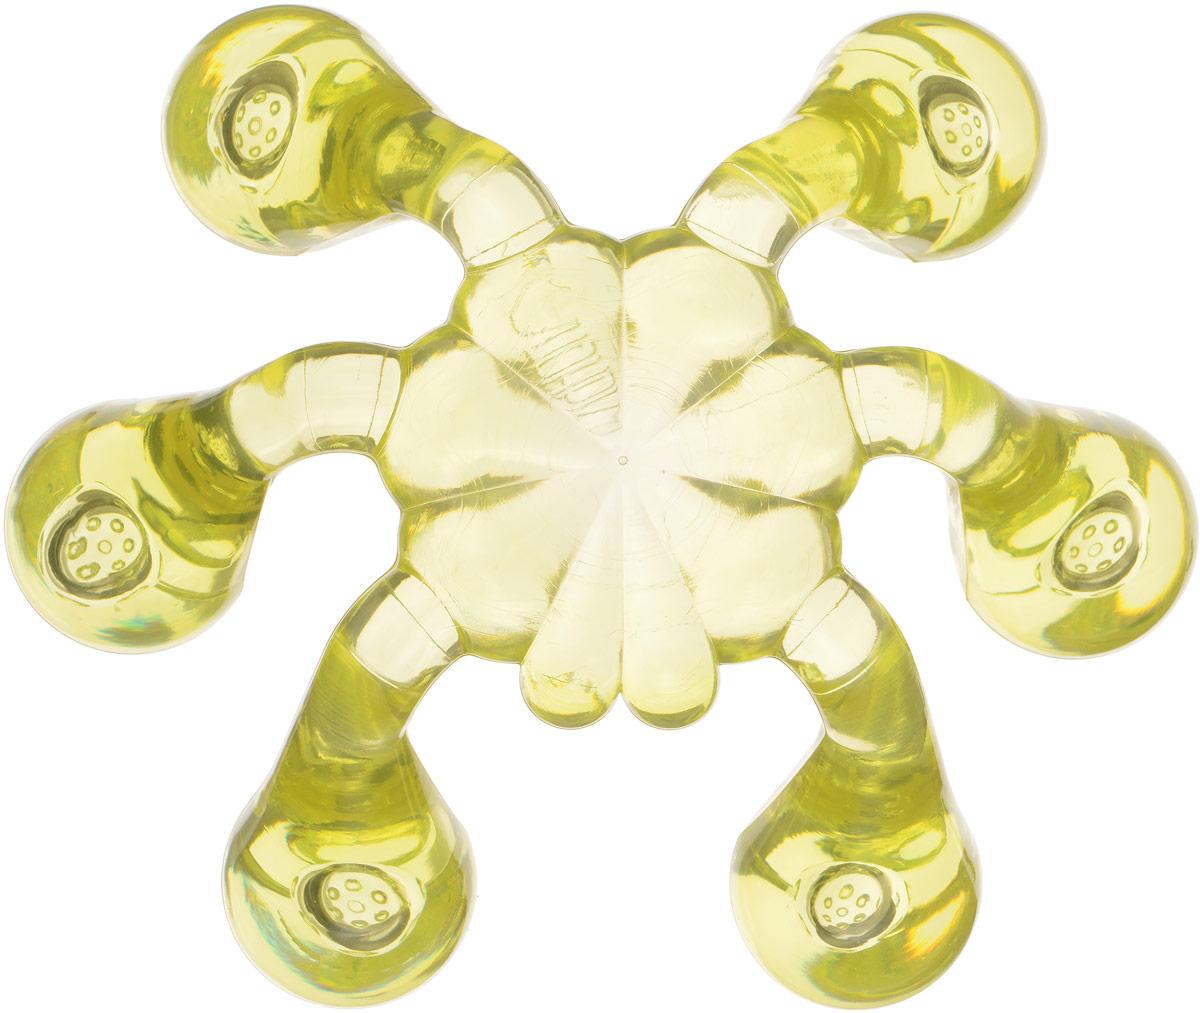 Лапонька-краб мануальный массажер, цвет: светло-желтыйDH-68LМануальный массажер для любой части тела6 массажных пальчиков с шипамиОтличительной чертой массажера «ЛАПОНЬКА - Краб» является увеличение количества массажных пальчиков. На каждом из шести пальчиков присутствуют 7 массажных элементов, благодаря которым производится воздействие на более глубокие слои организма, а также, за счет увеличения площади соприкосновения, значительно упрощается процесс использования данного массажера.